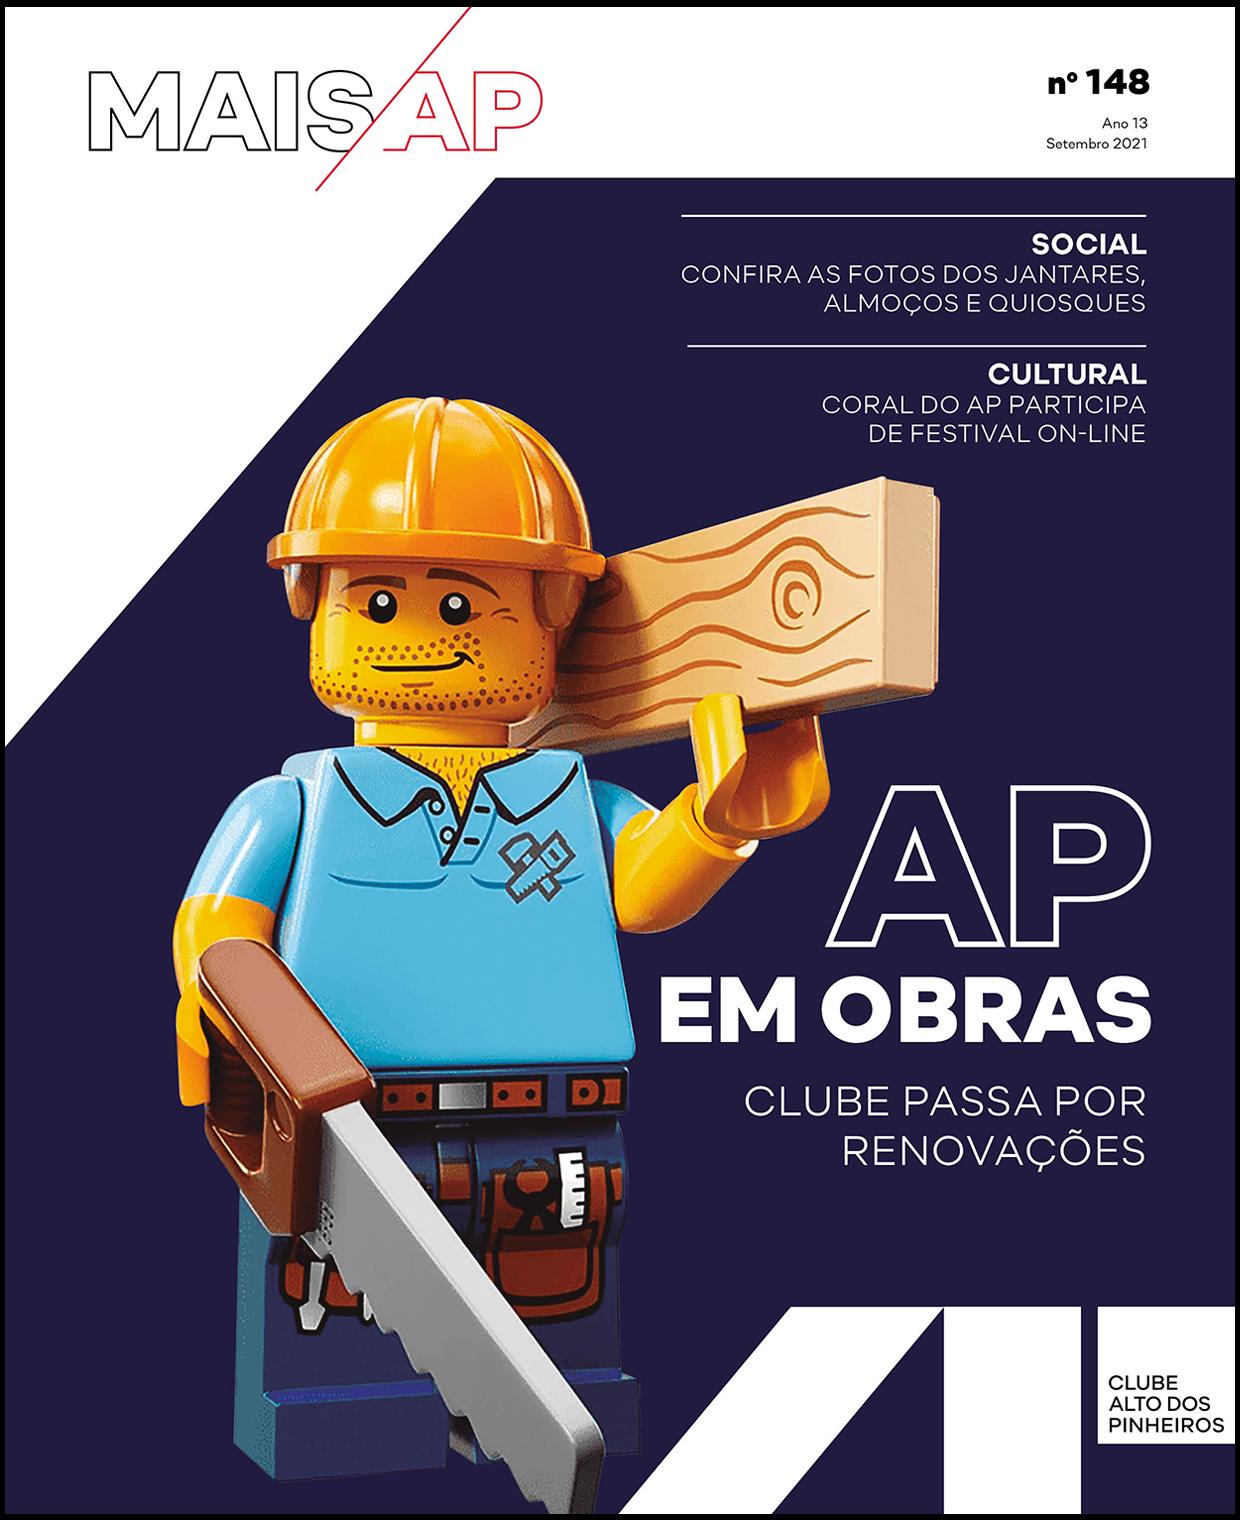 https://www.clubeap.com.br/wp-content/uploads/2021/09/revistamaisap-148-capa.jpg